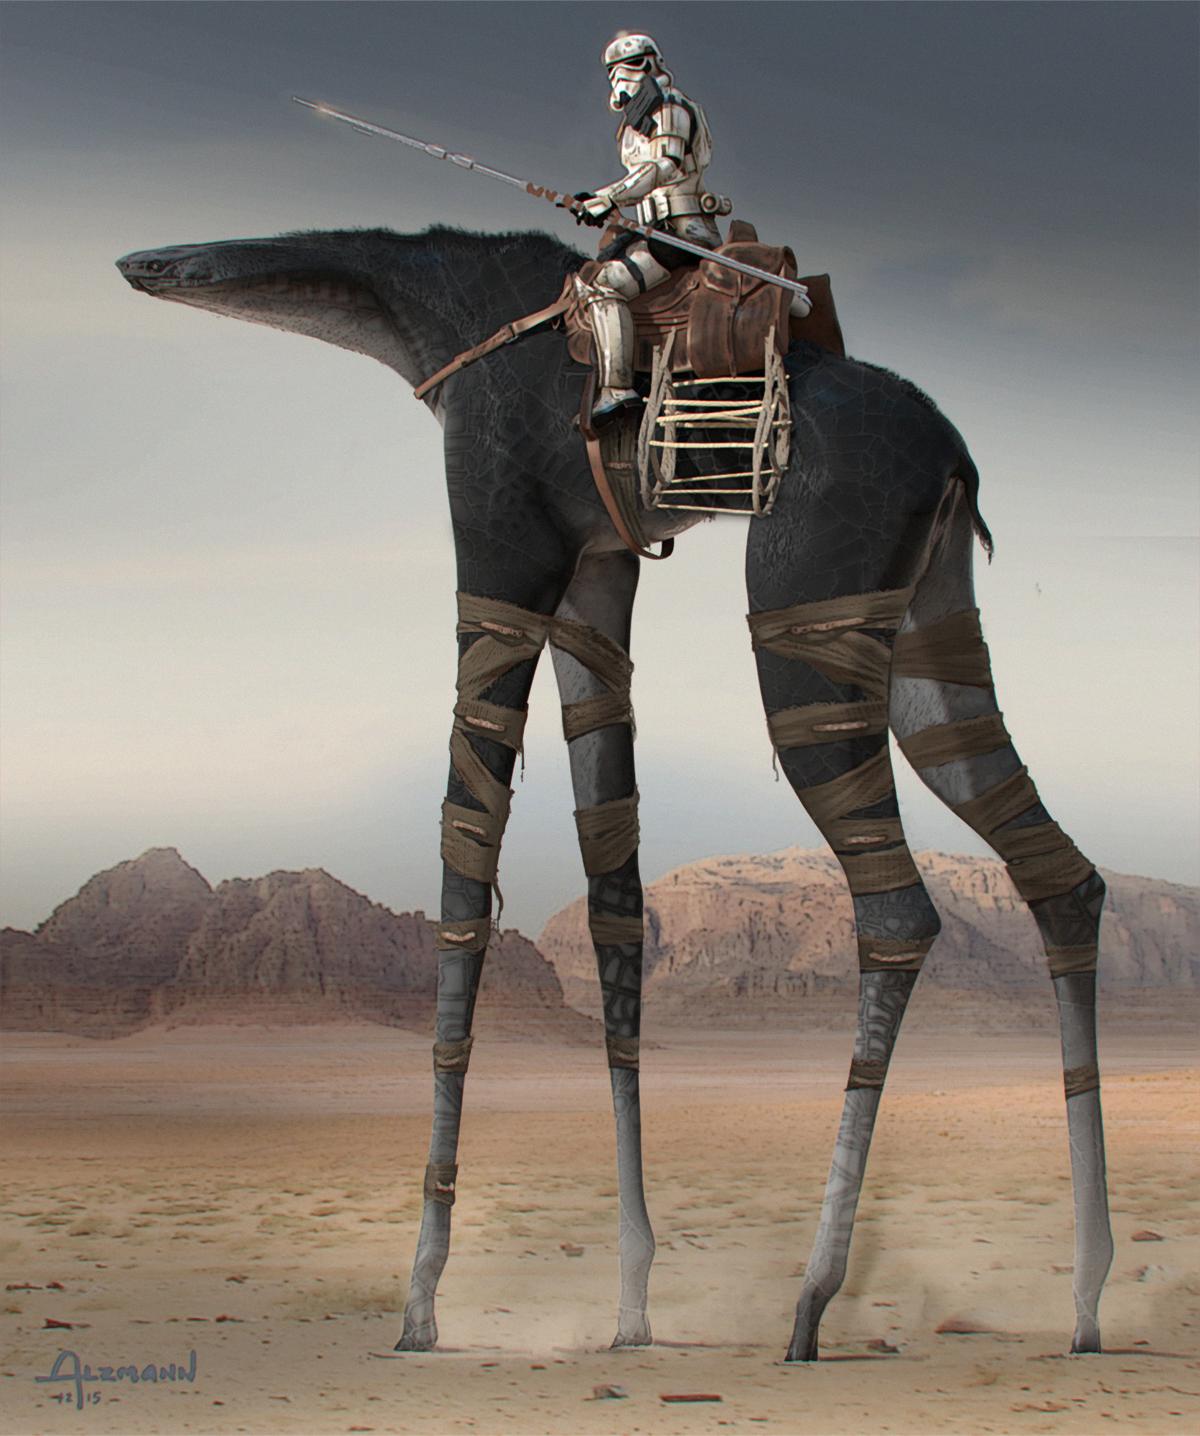 Long-legged mount